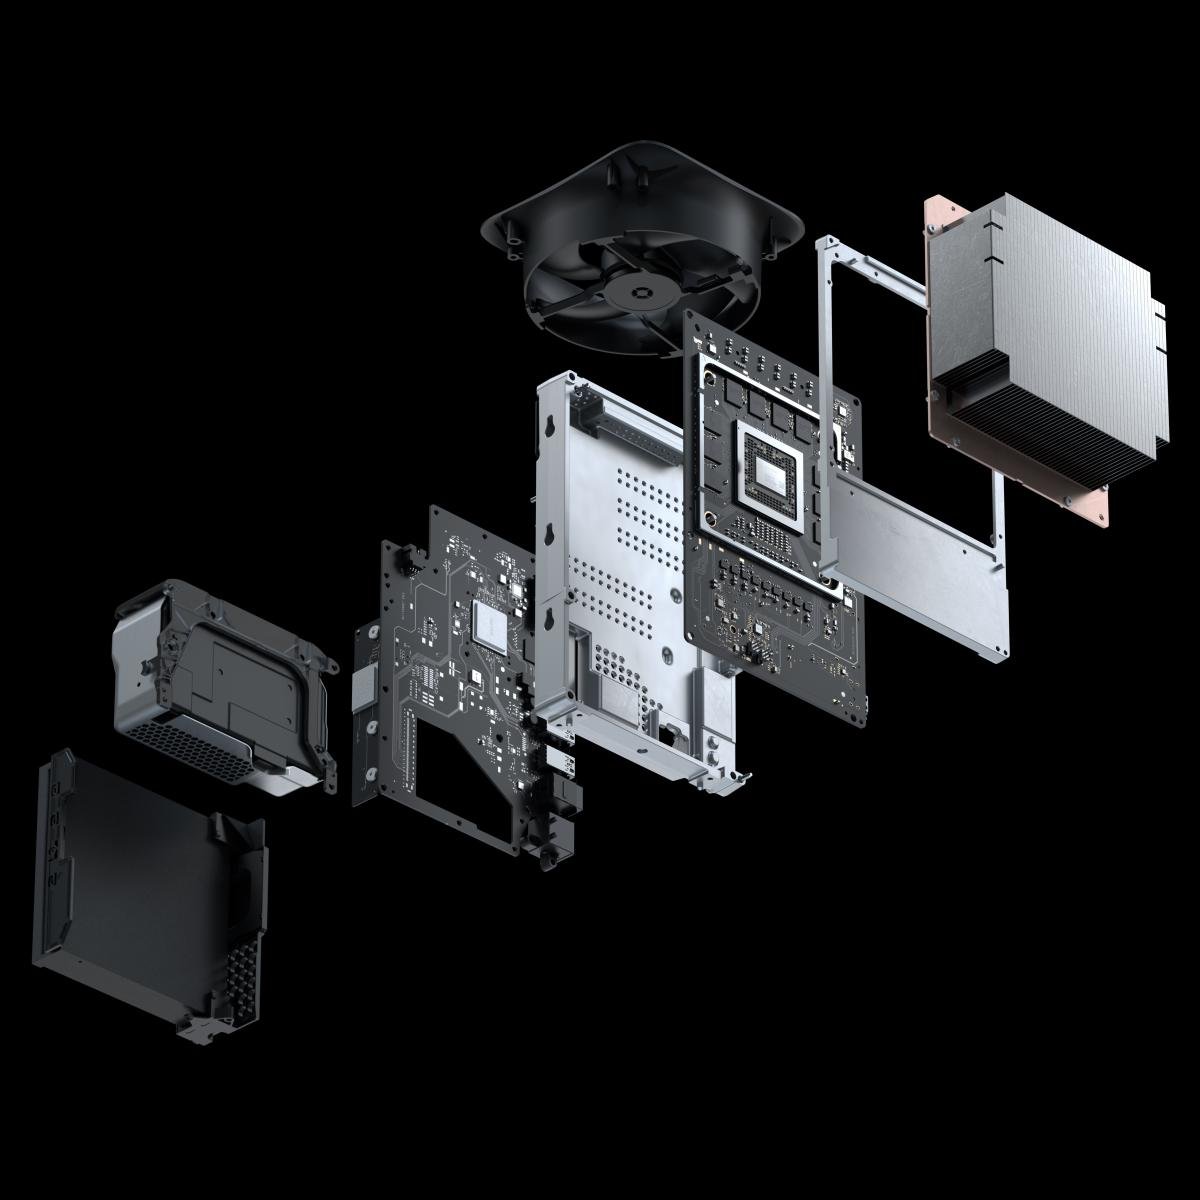 Все детали Xbox Series X/ news.xbox.com